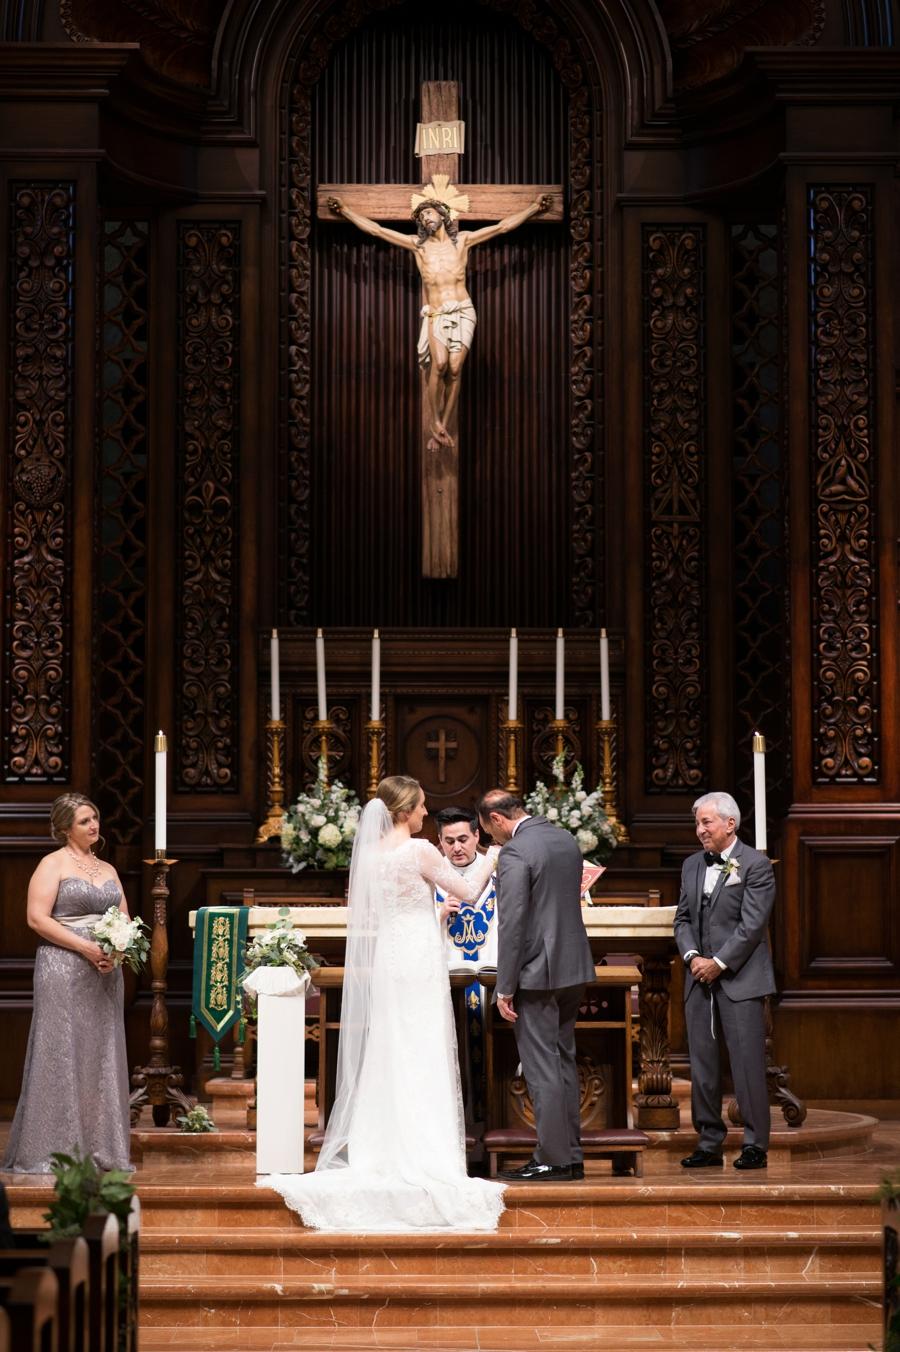 SoCal_Burbank_Hollywood_Wedding_JC_011.jpg